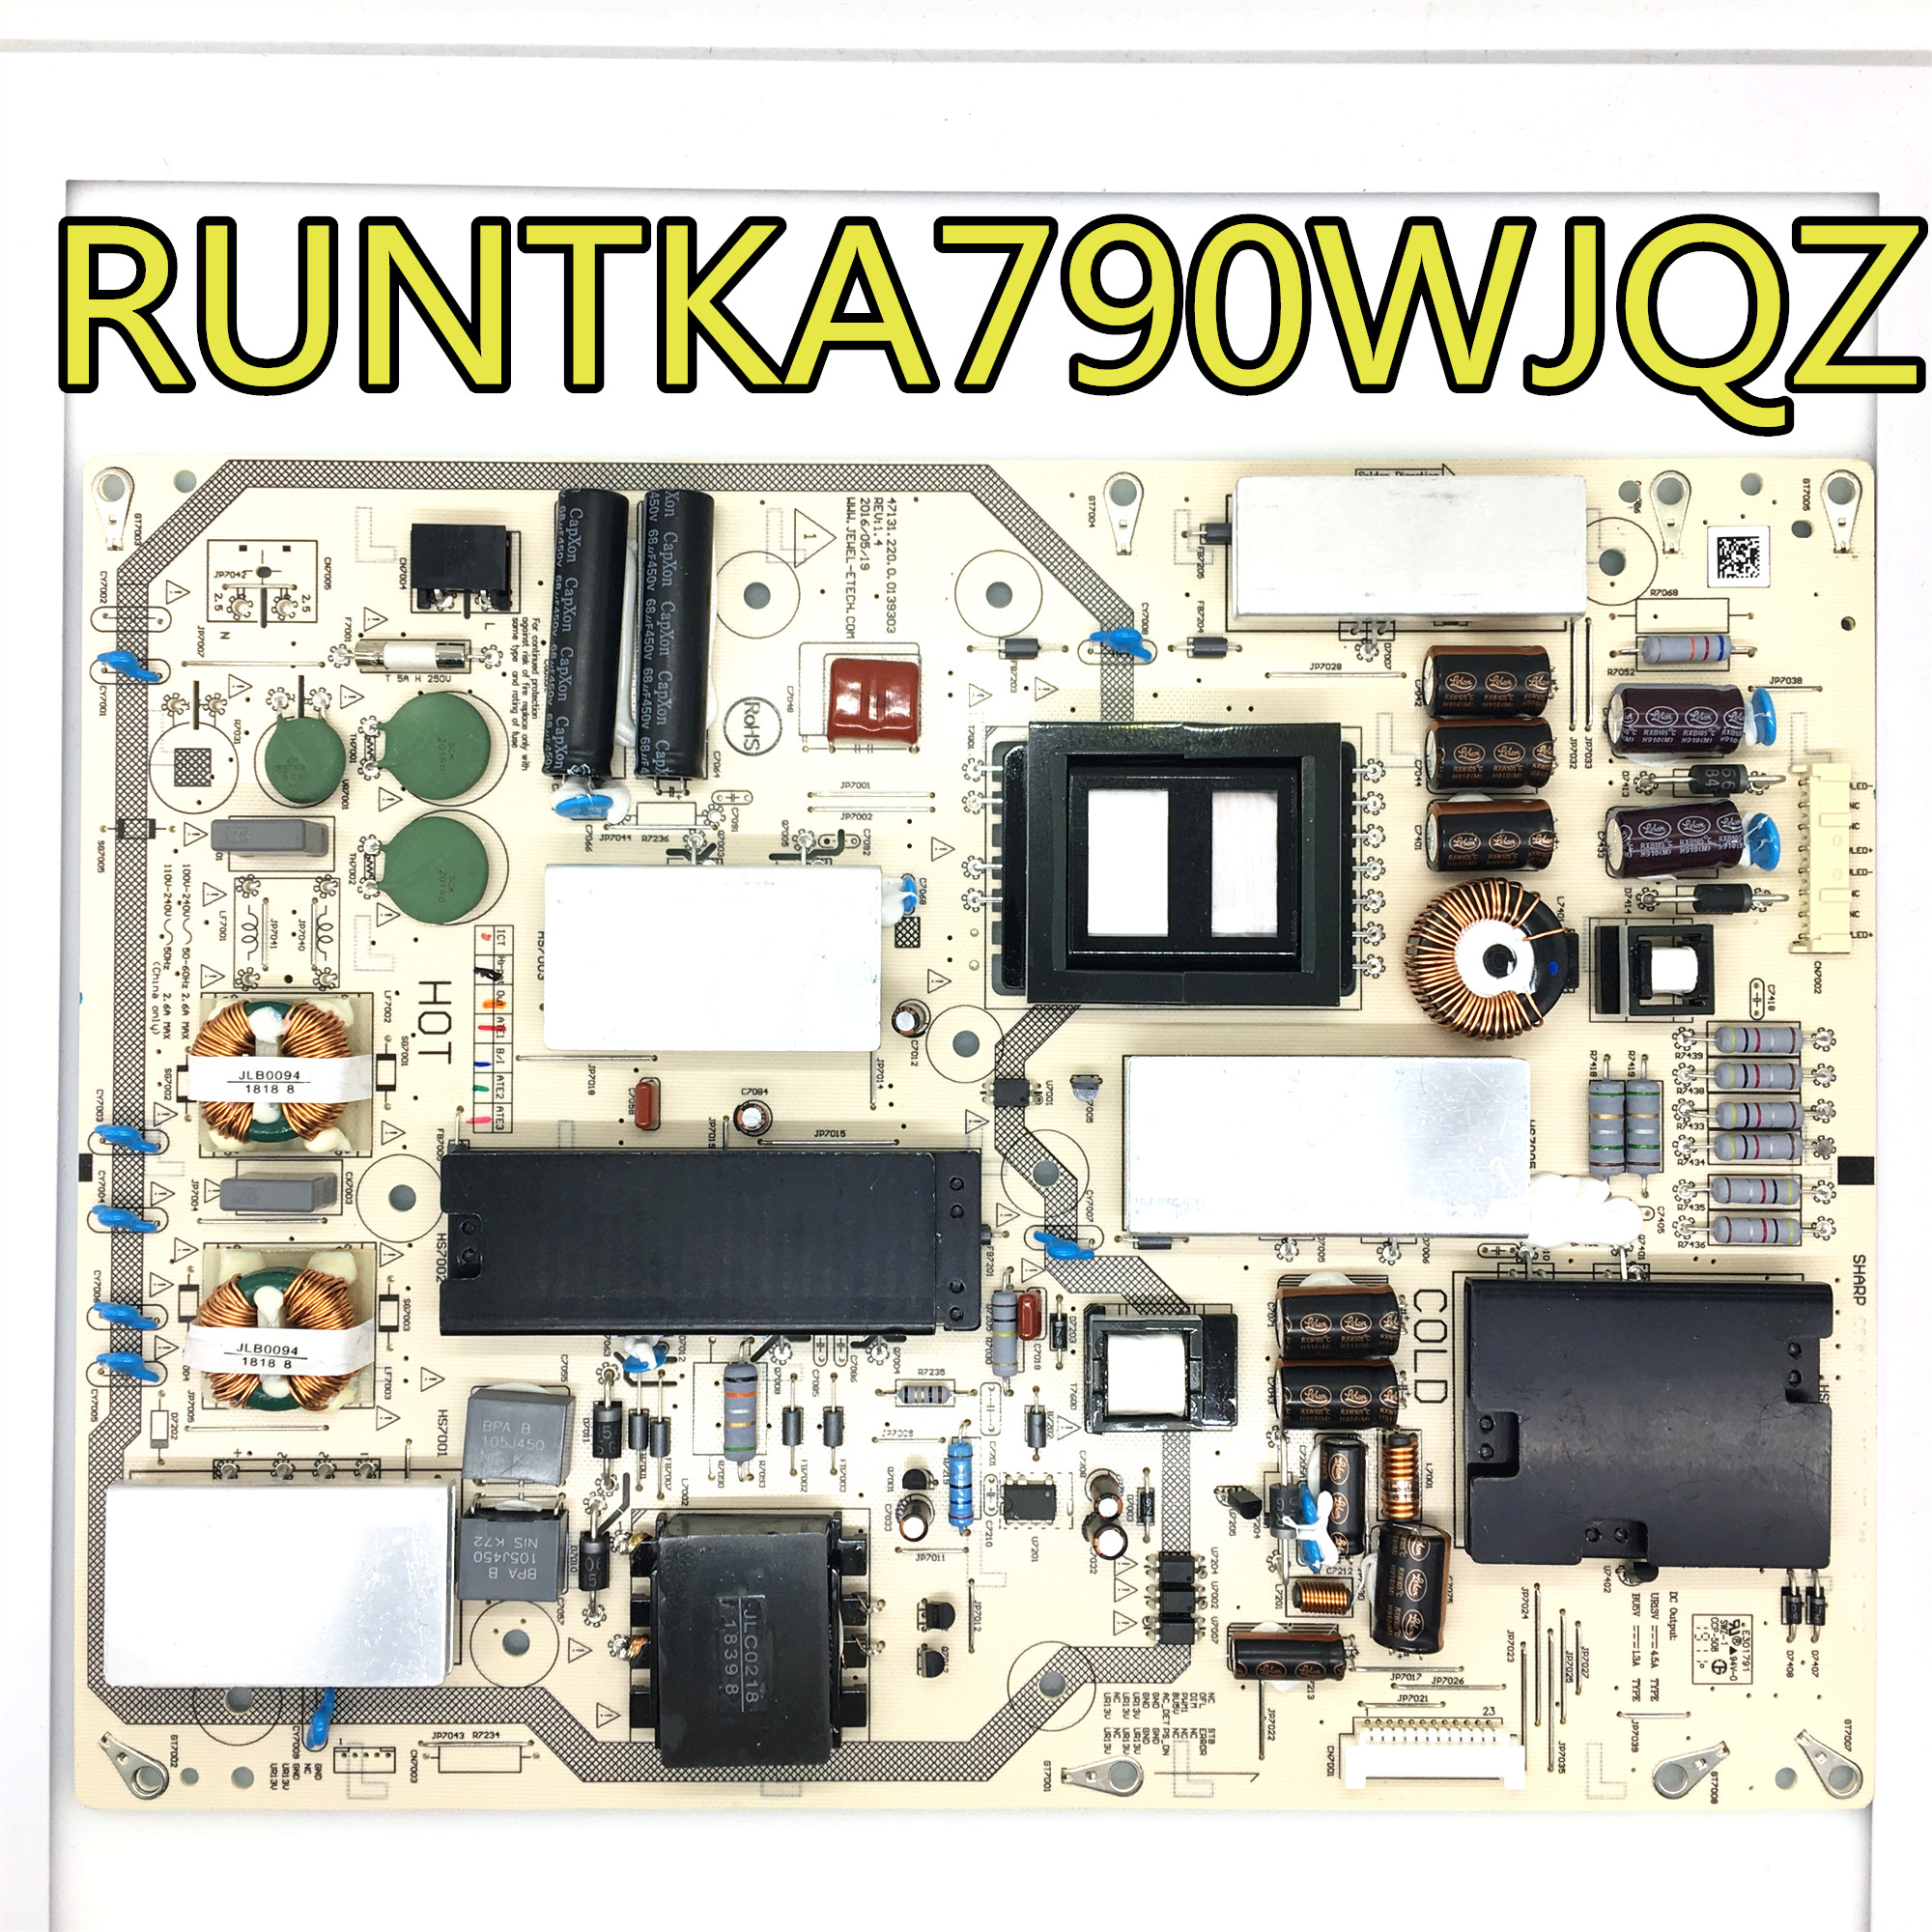 Test d'origine 100% pour LCD-46LX830A DPS-143BP/127BP/AP carte d'alimentation RUNTKA790WJQZ